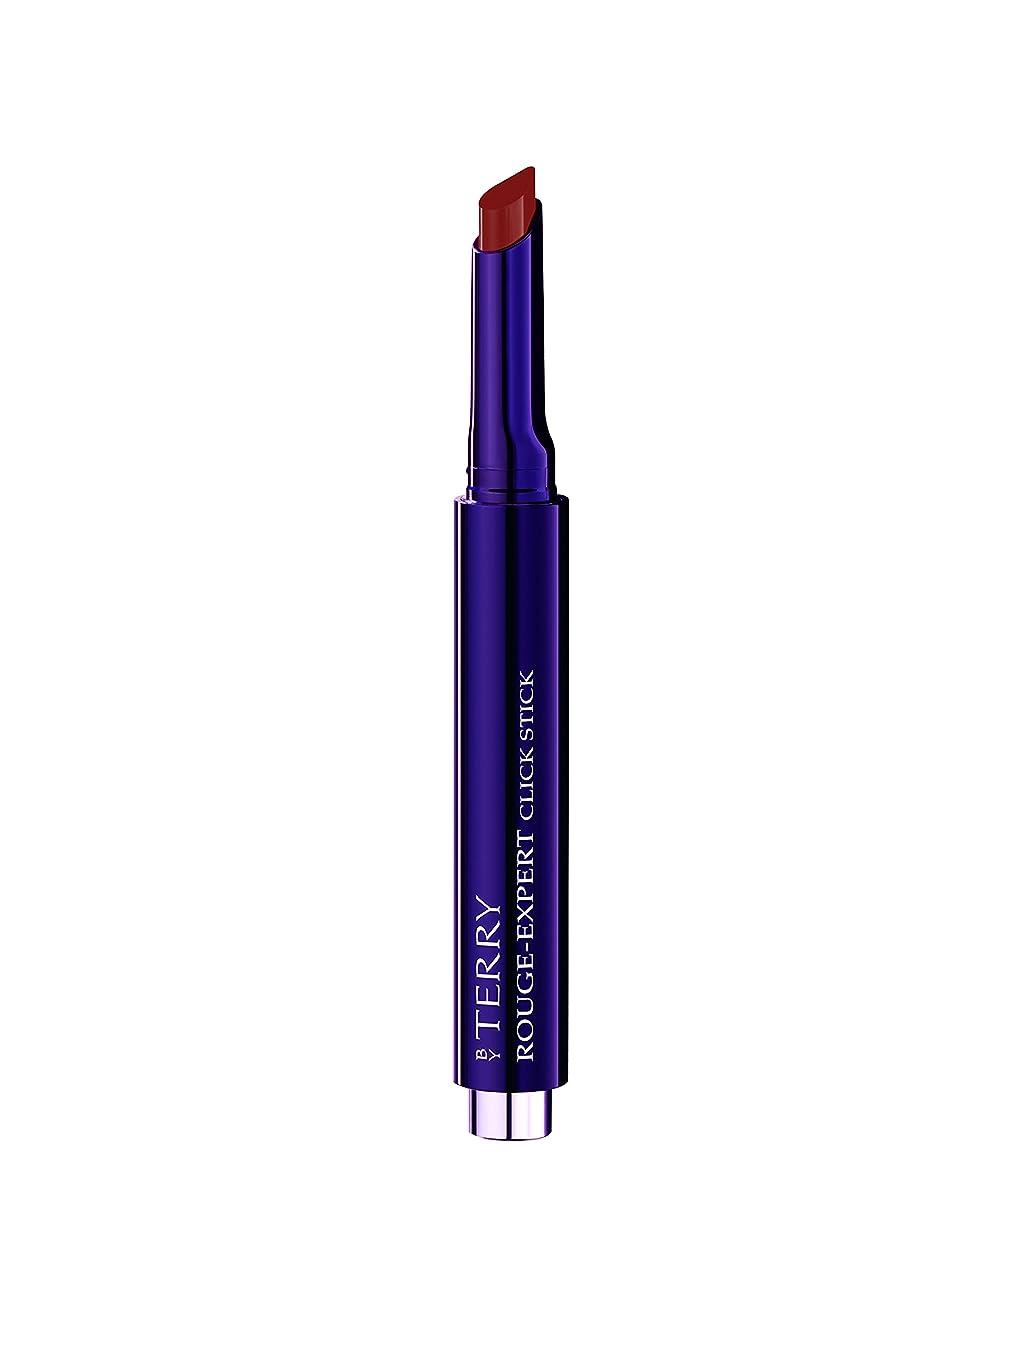 ホームどこにもスライムバイテリー Rouge Expert Click Stick Hybrid Lipstick - # 26 Choco Chic 1.5g/0.05oz並行輸入品